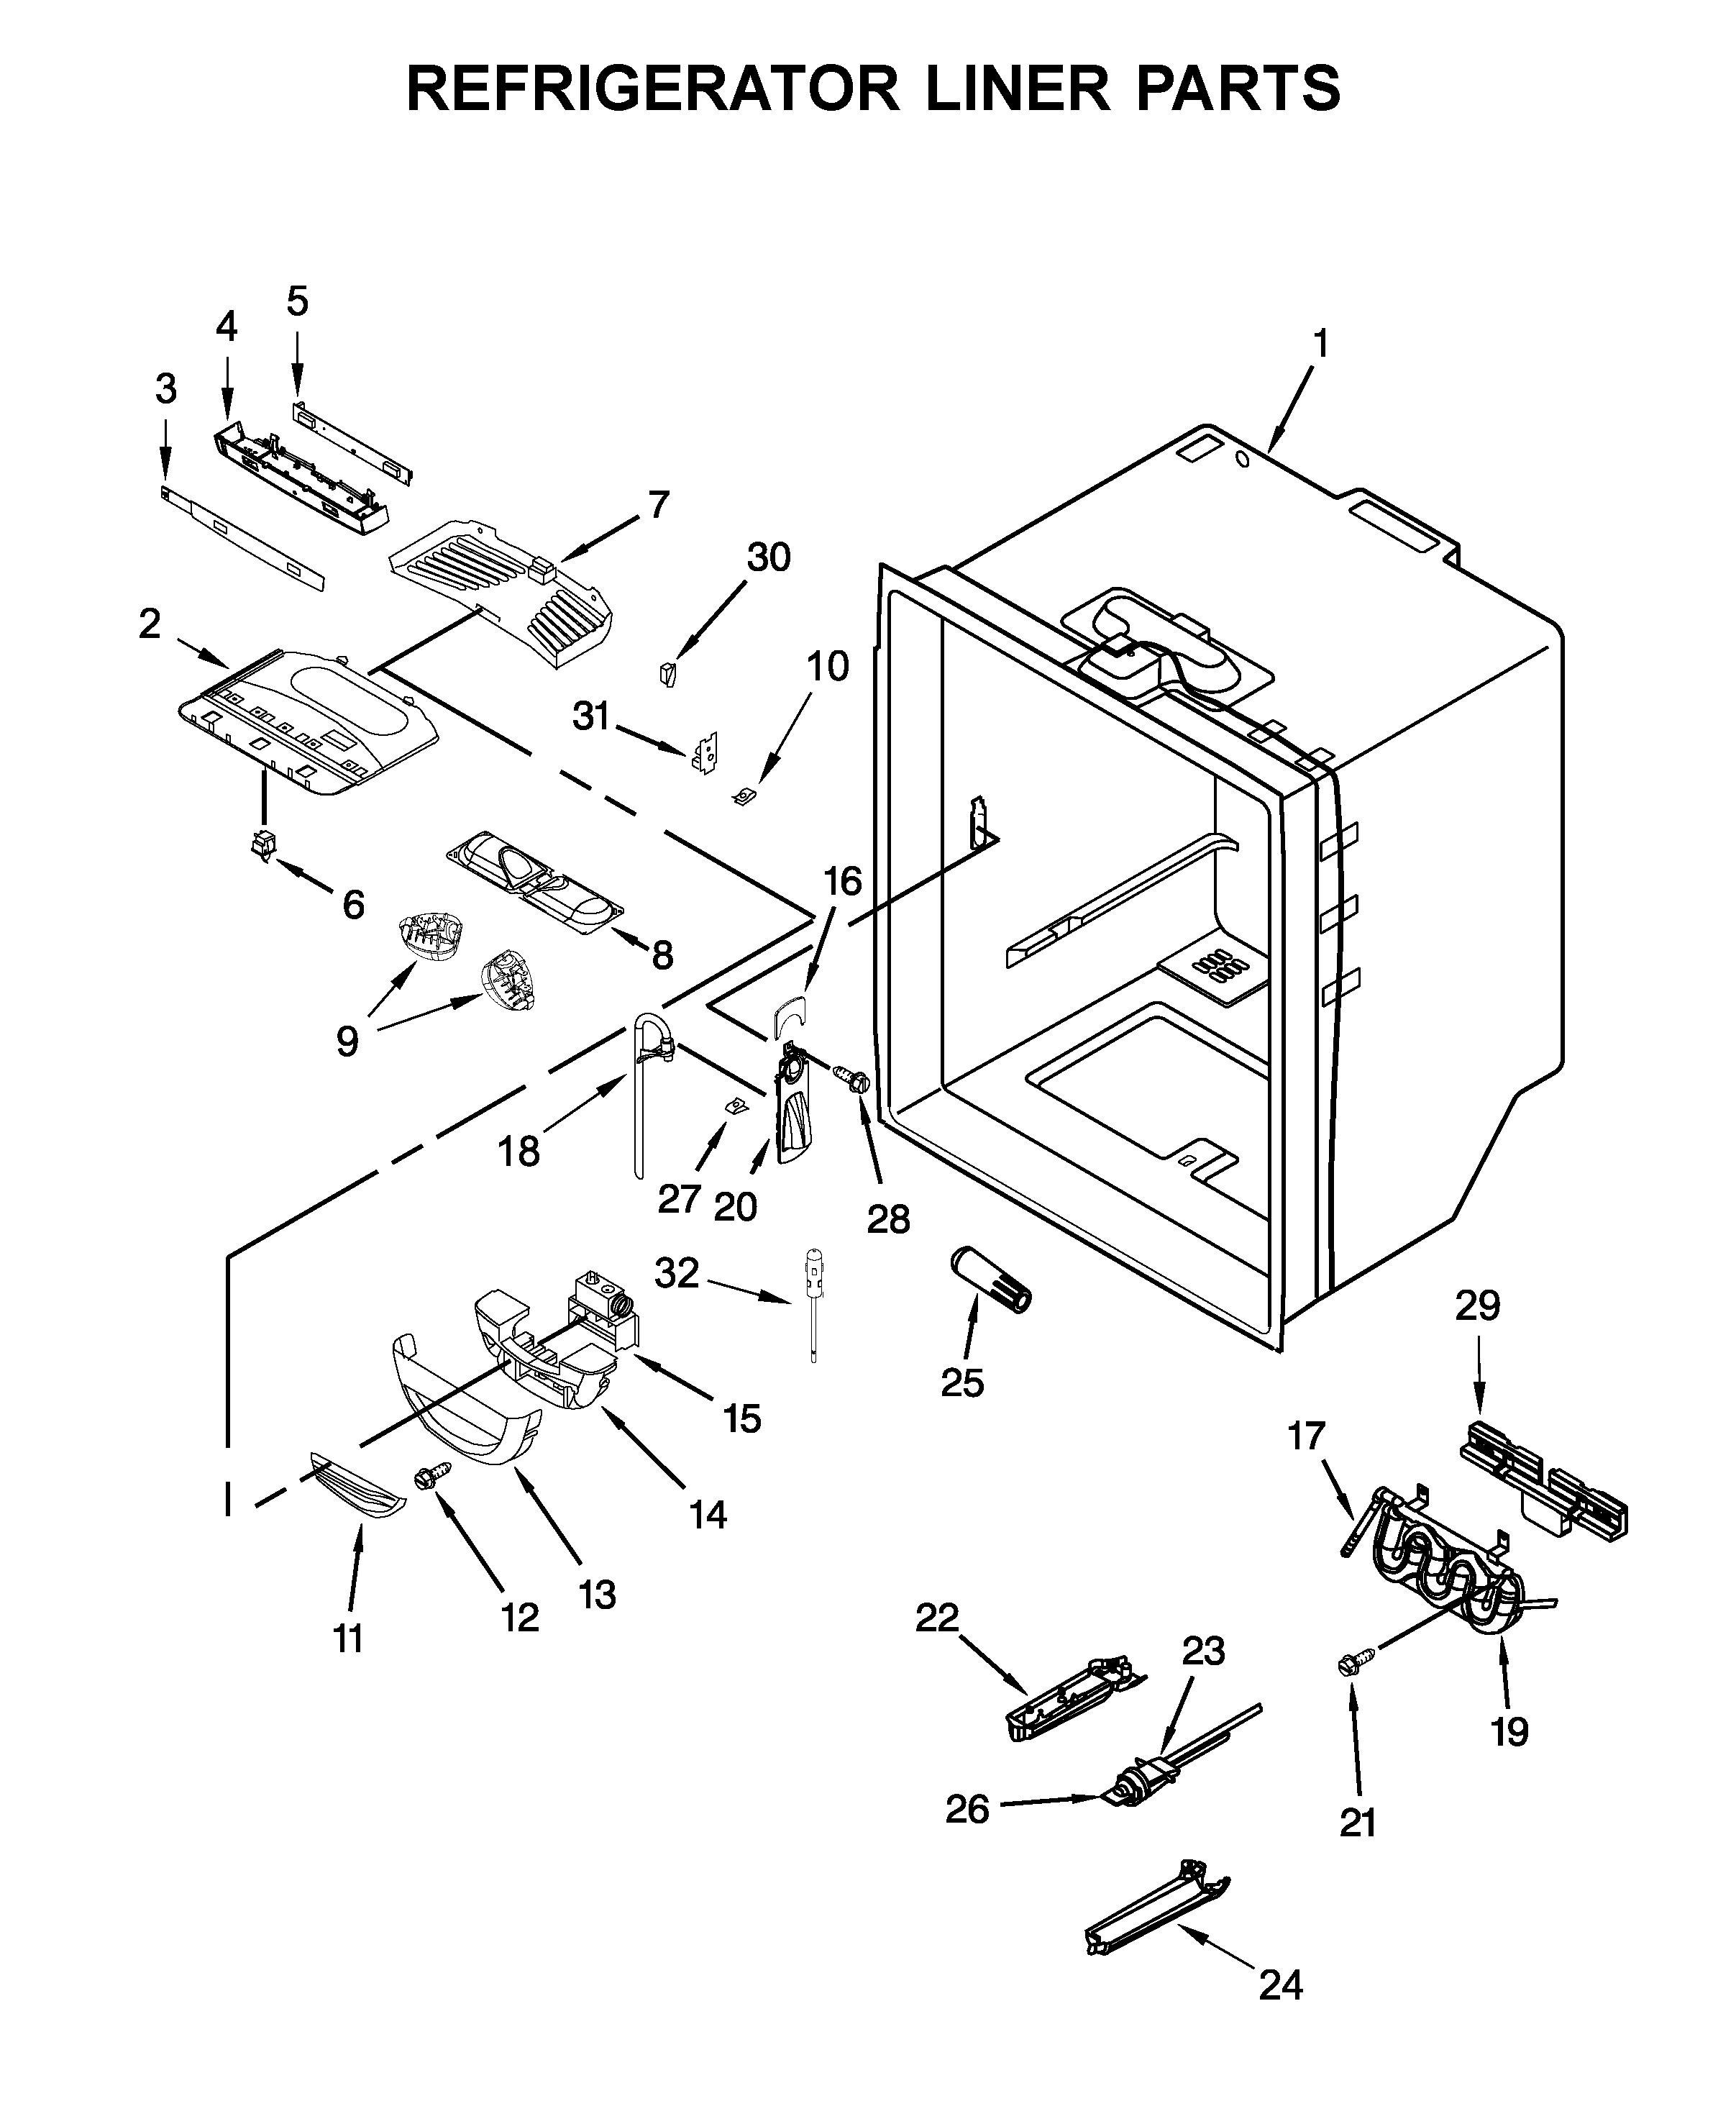 Kitchenaid  Refrigerator  Refrigerator liner parts